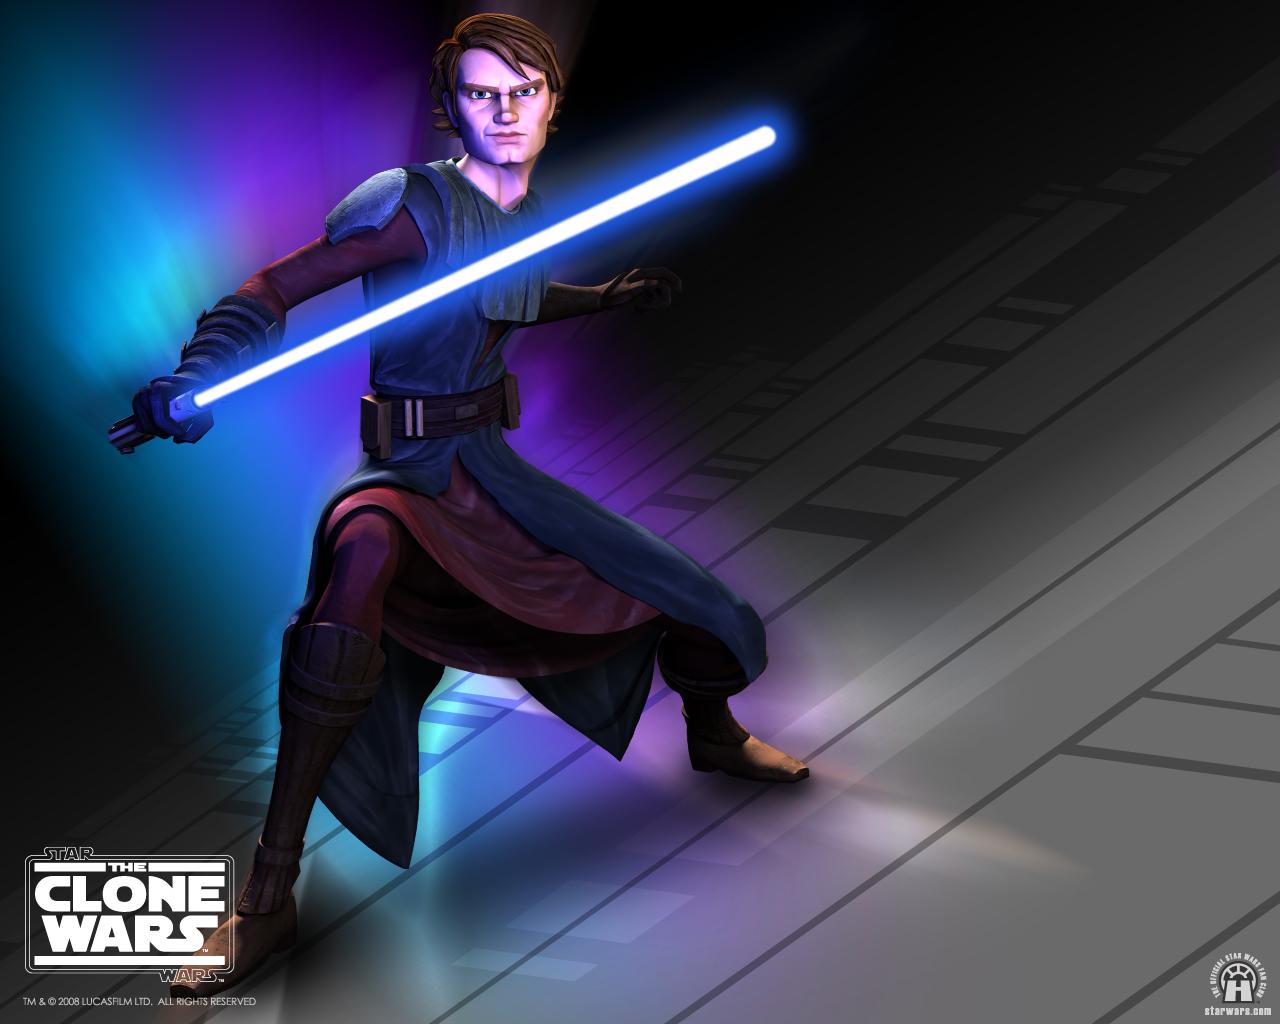 Star Wars The Clone Wars Wallpaper 1280 x 1024 Pixels 1280x1024